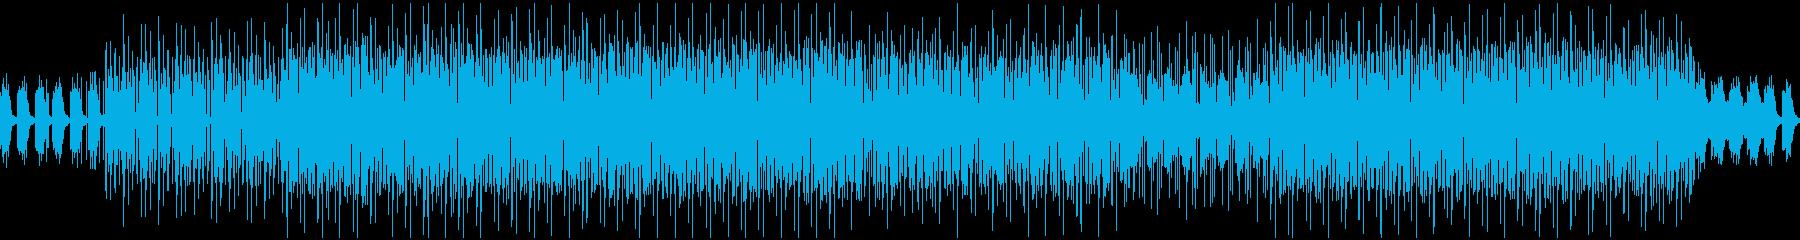 シンプルでほのぼのしたエレクトロのループの再生済みの波形